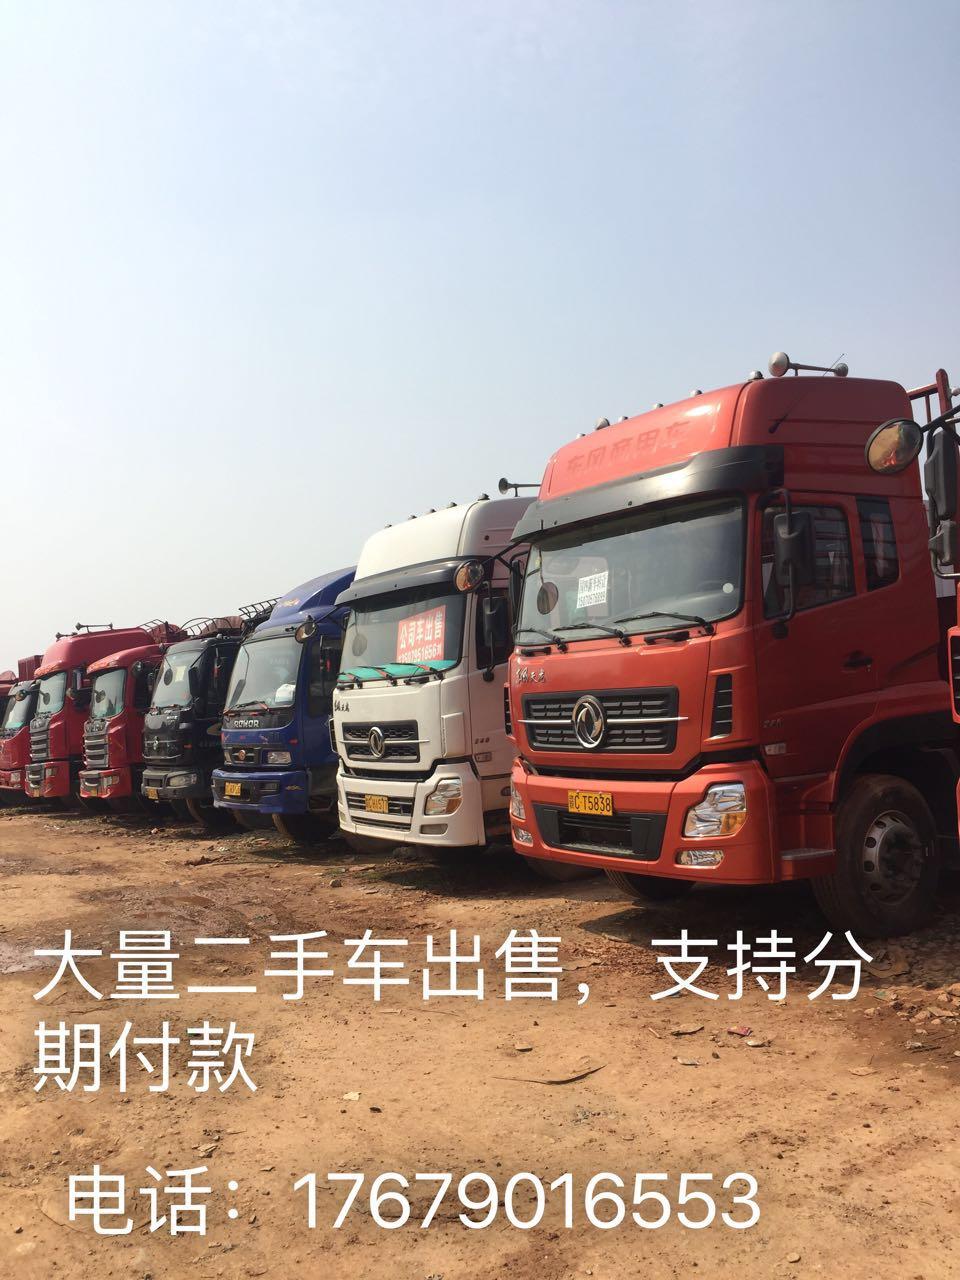 【广州】福田欧曼 价格15.00万 二手车